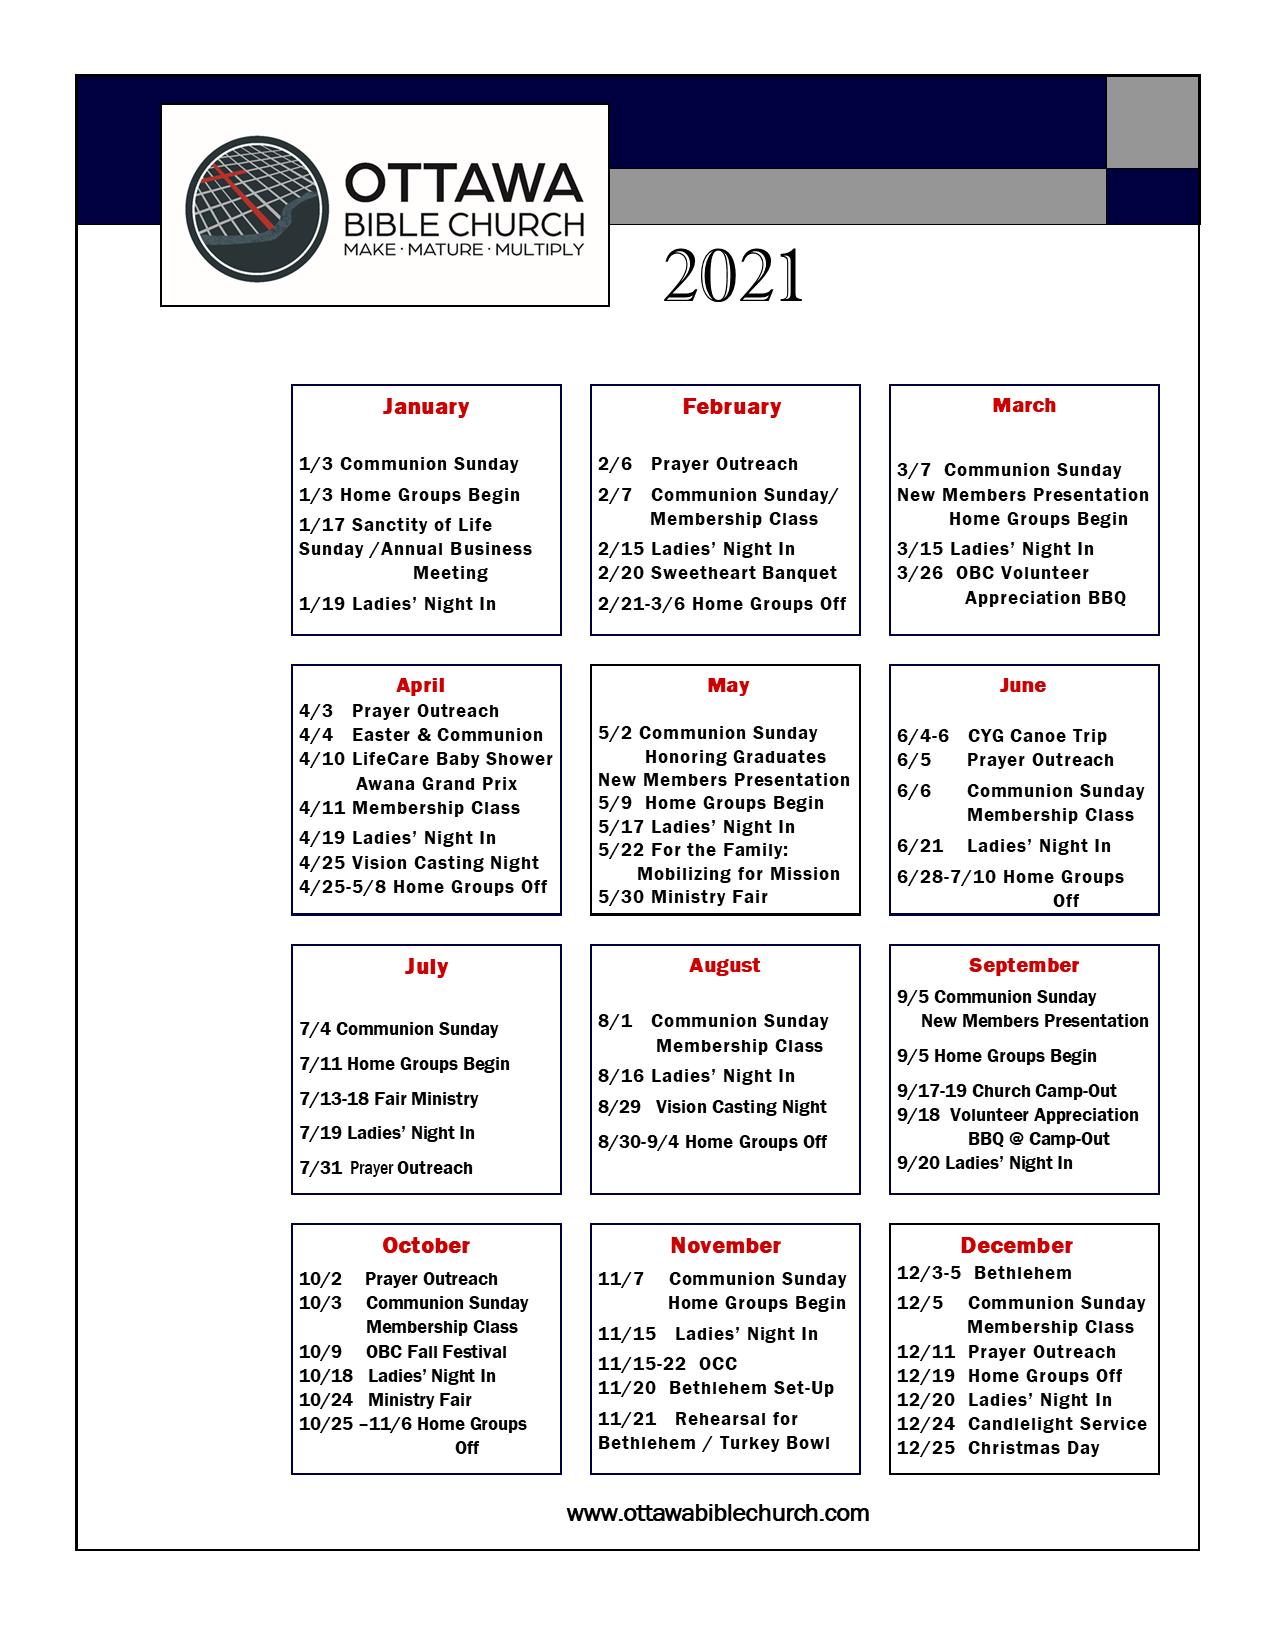 OBC Event Calendar for 2021